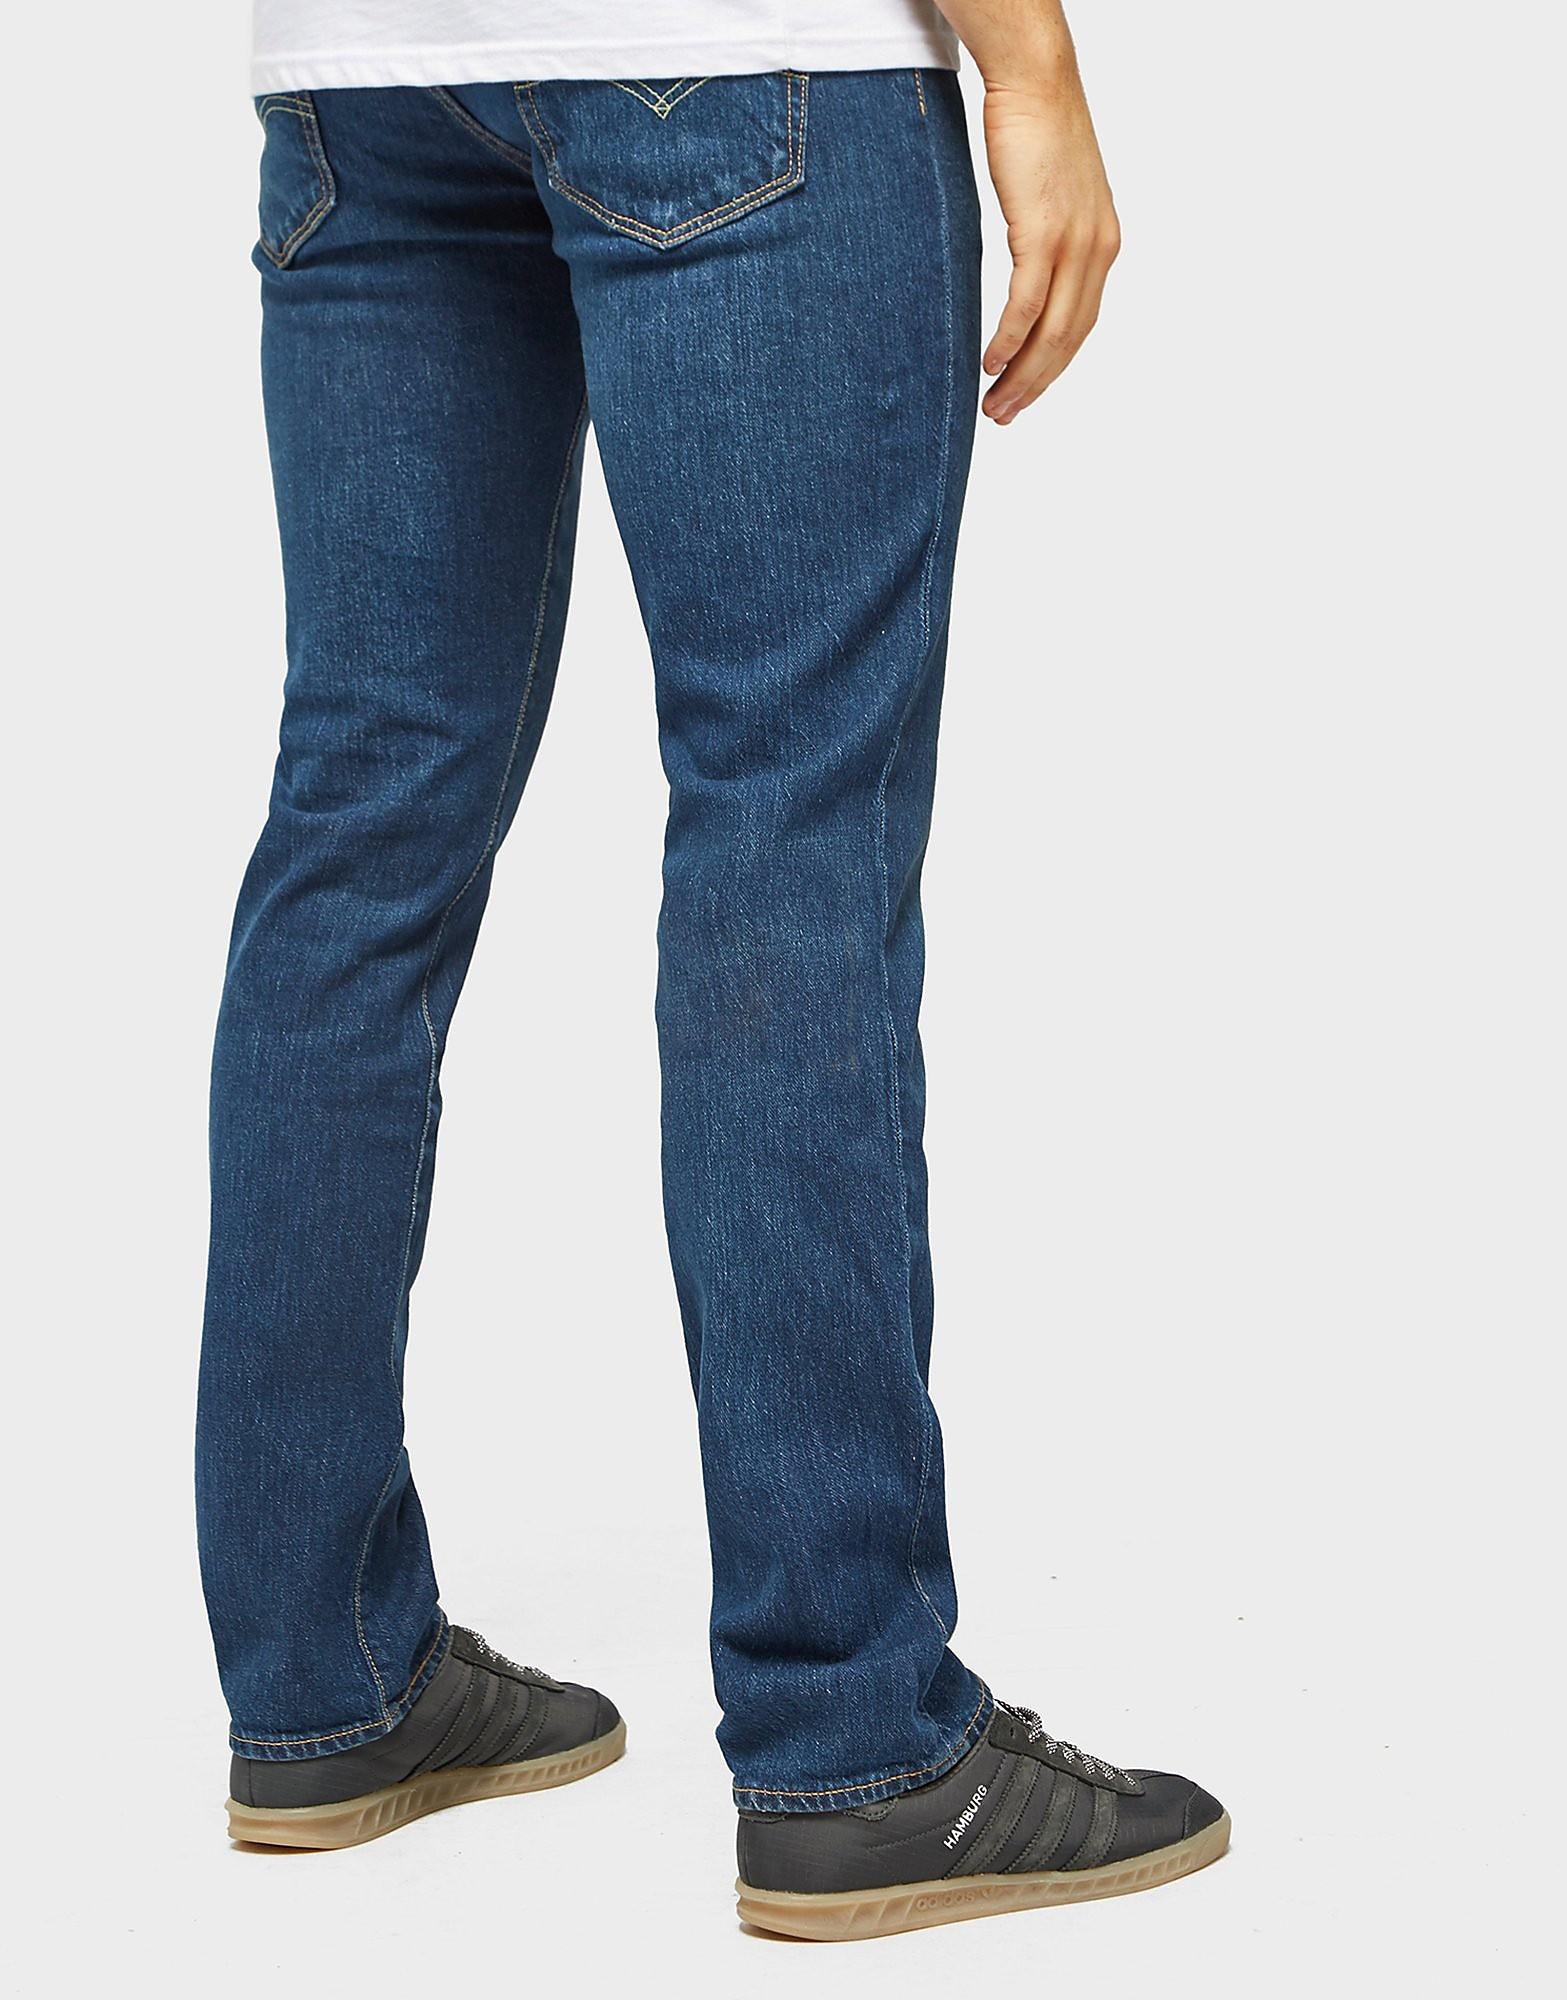 Levis 511 Slim Glasto Jean